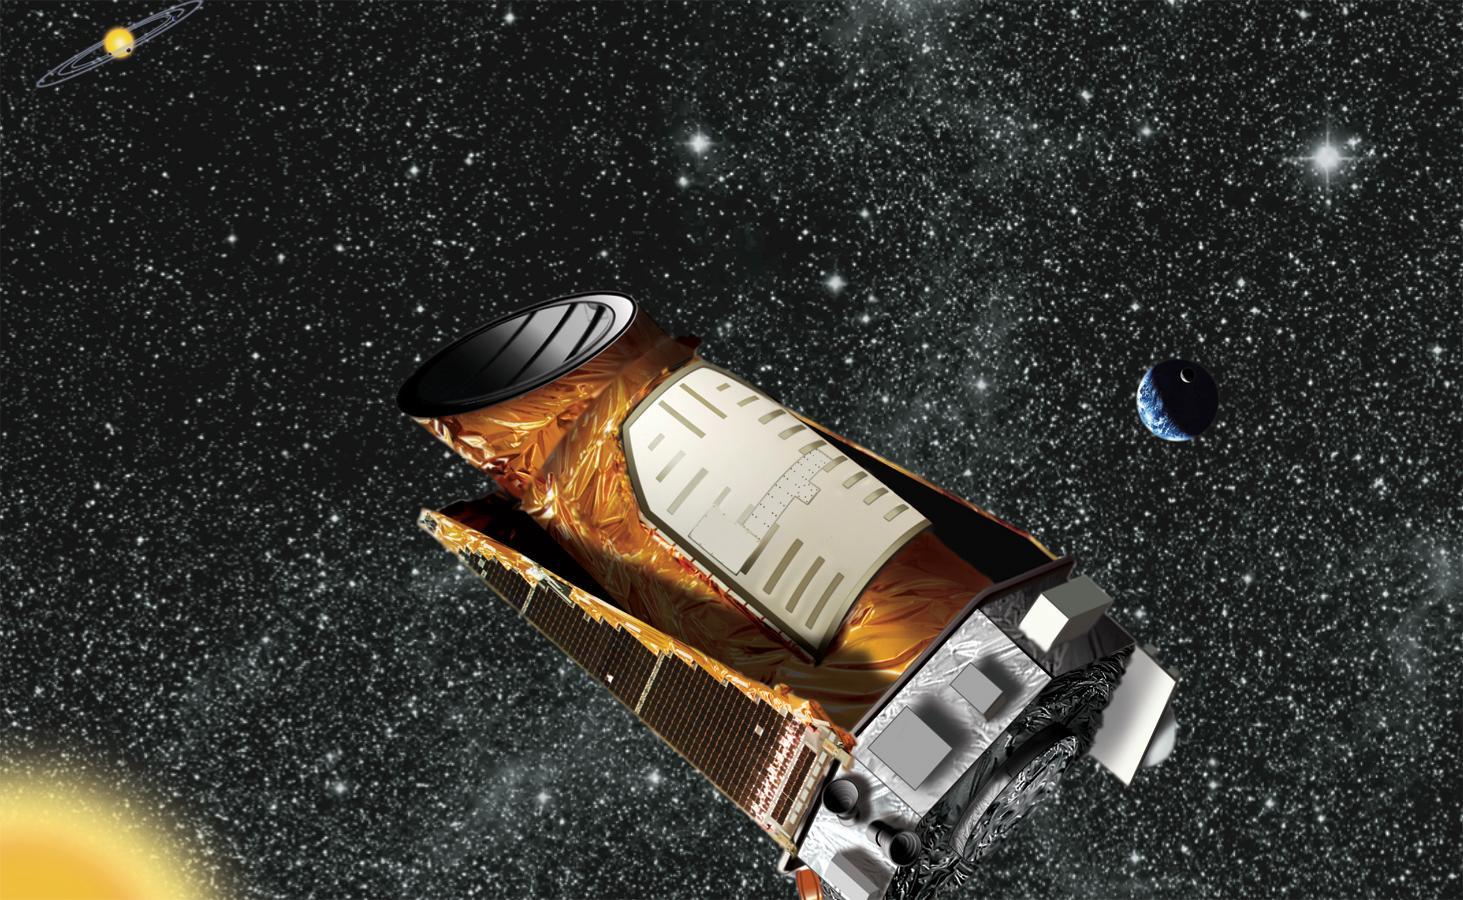 El Telescopio Kepler cree haber encontrado un planeta con agua,  similar a la Tierra.